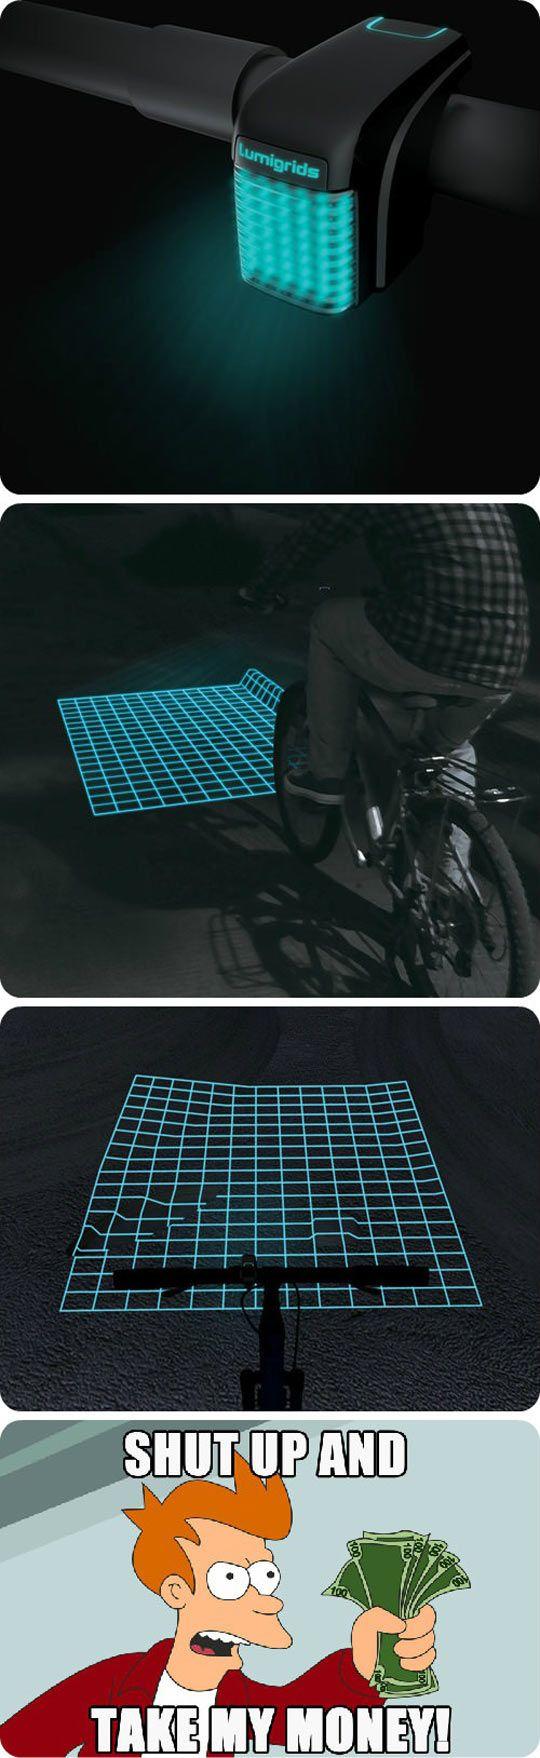 Bike riding at night!